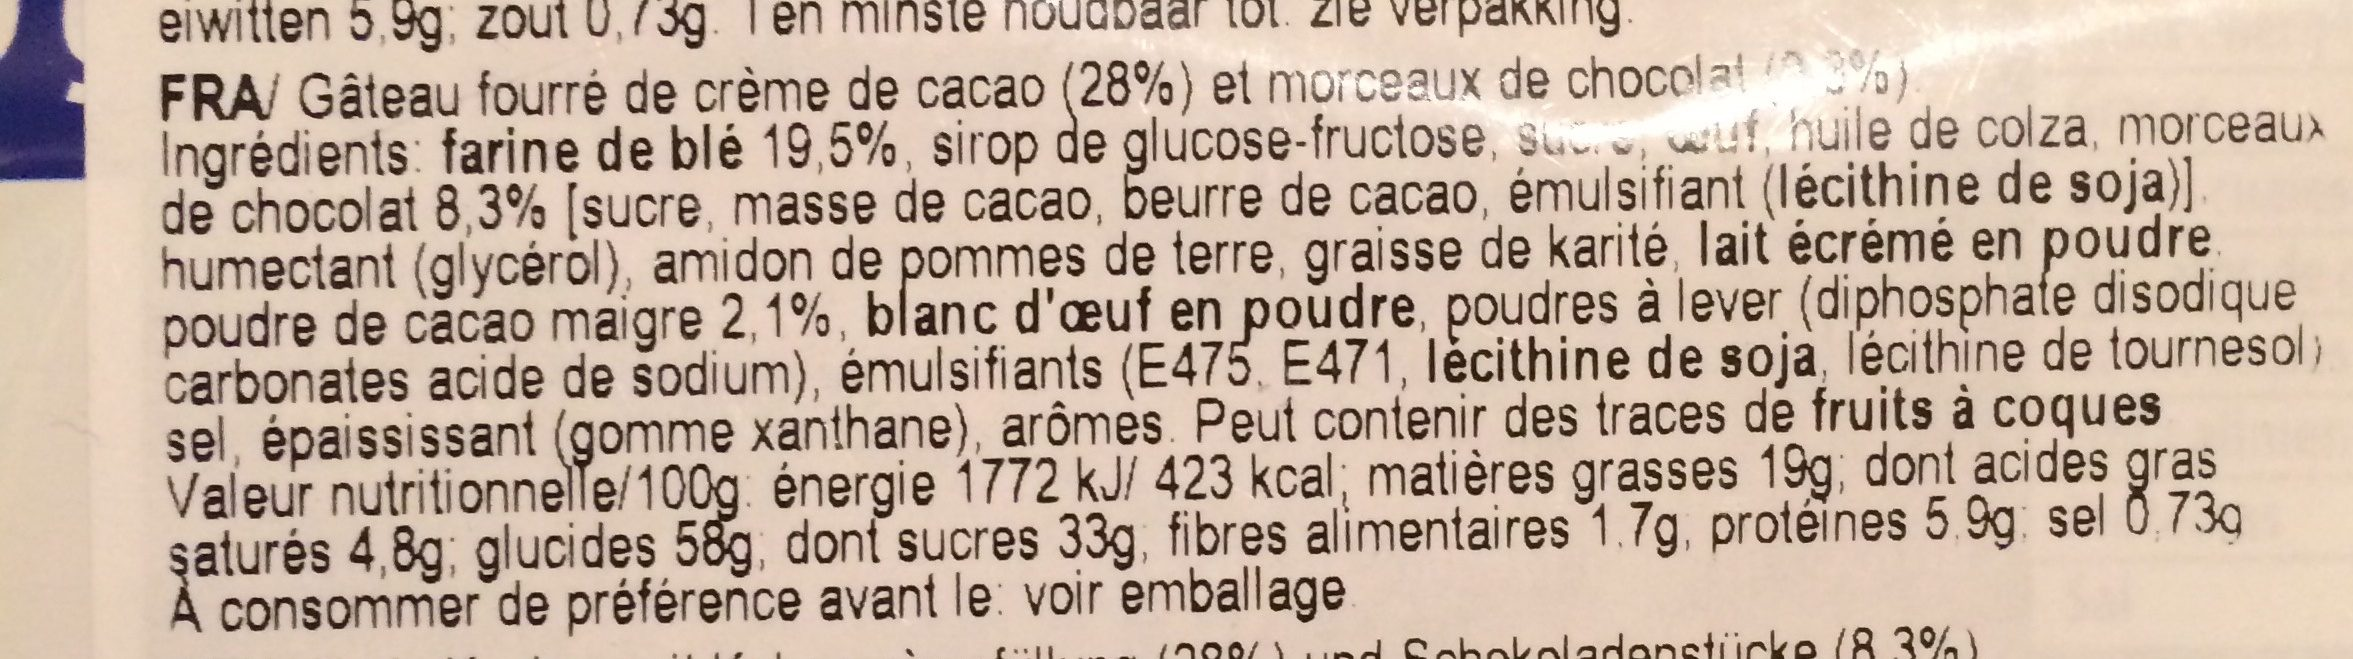 Principe tiernas - Ingrediënten